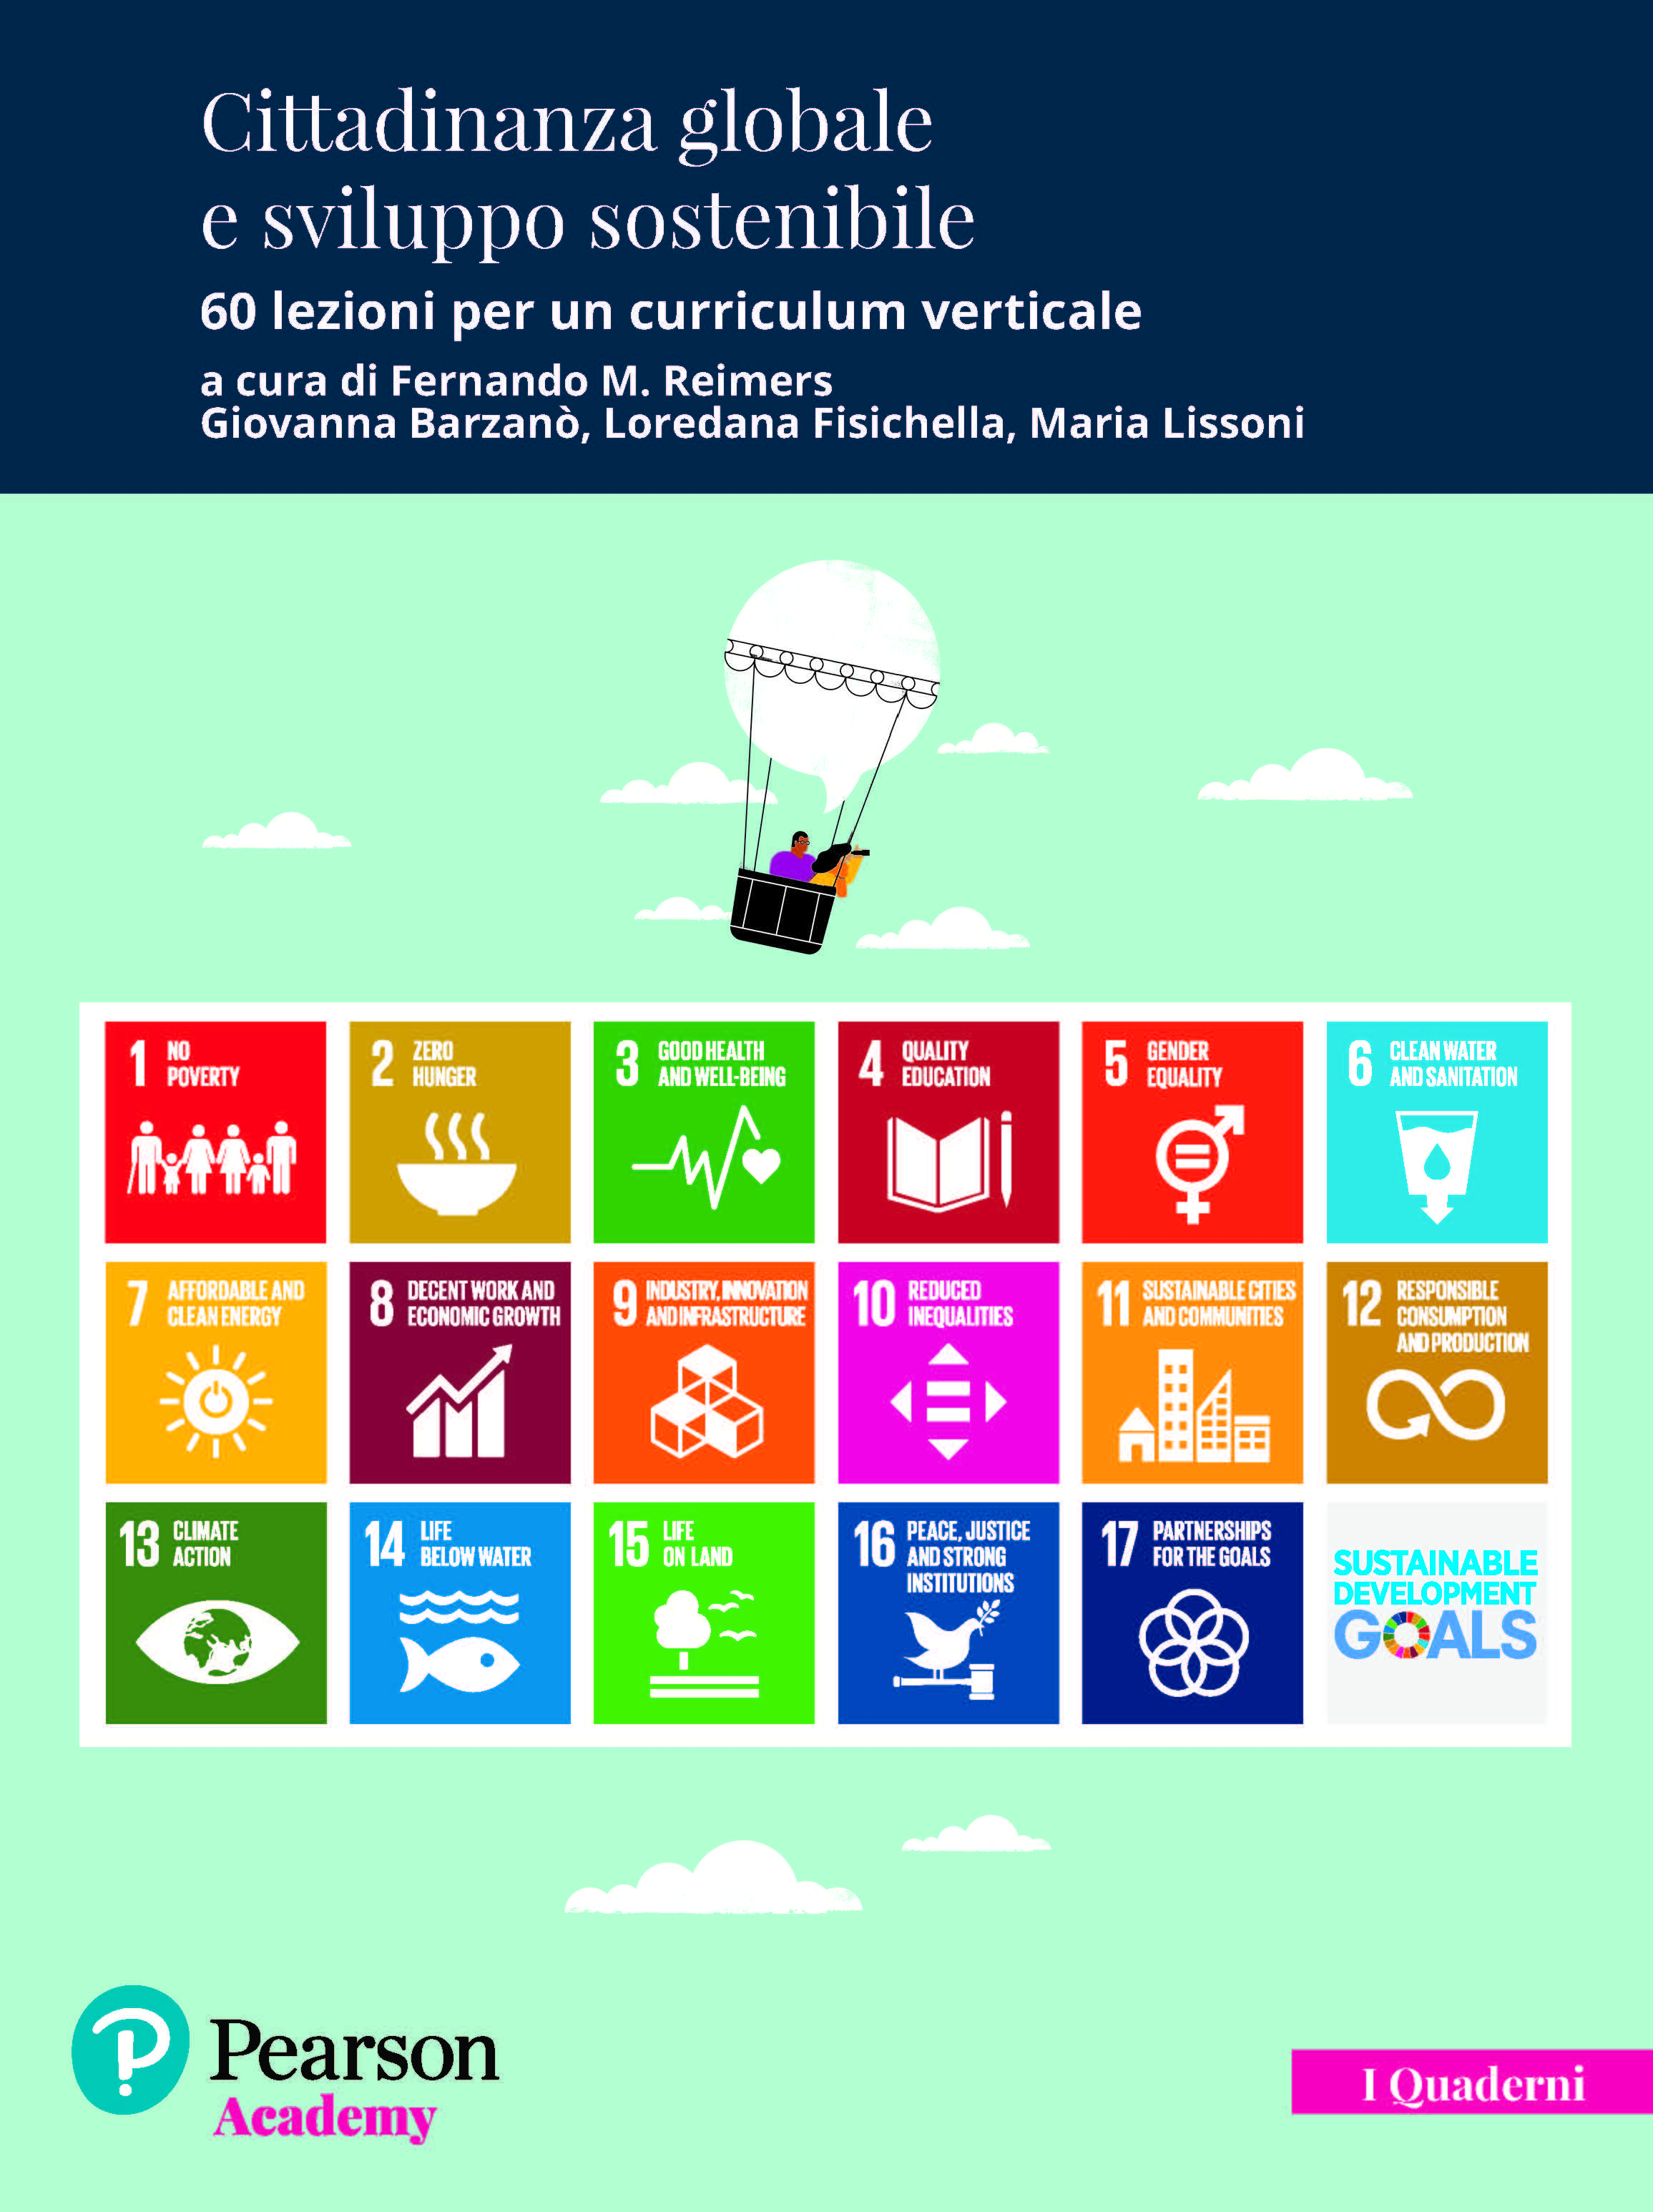 Cover Quaderni academy Sustainable avanti.jpg